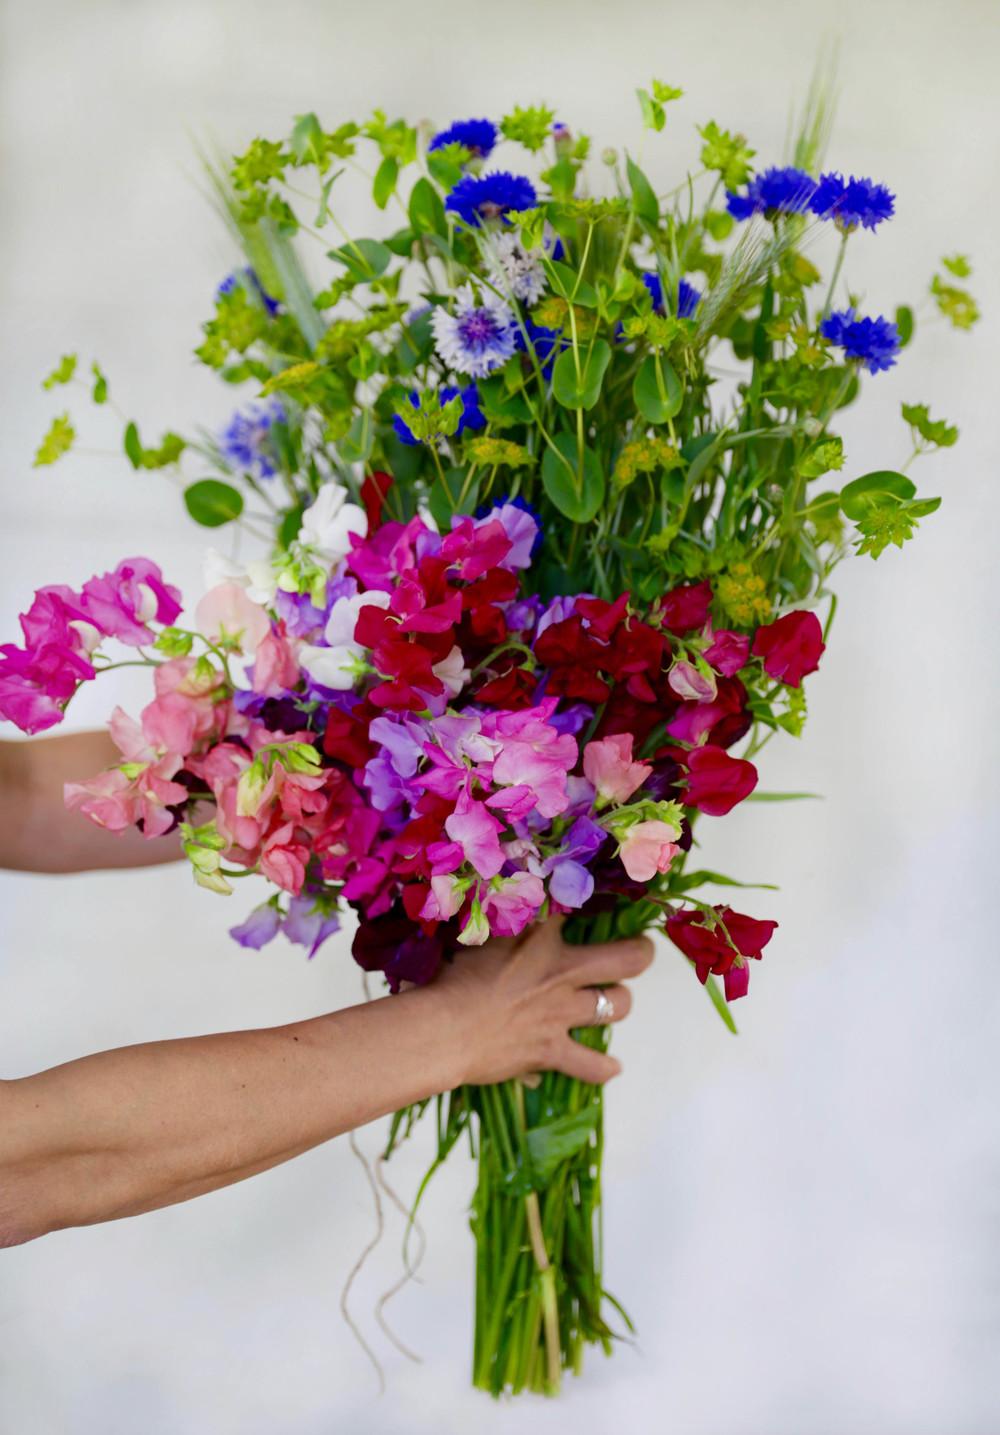 Week 1 Flowers